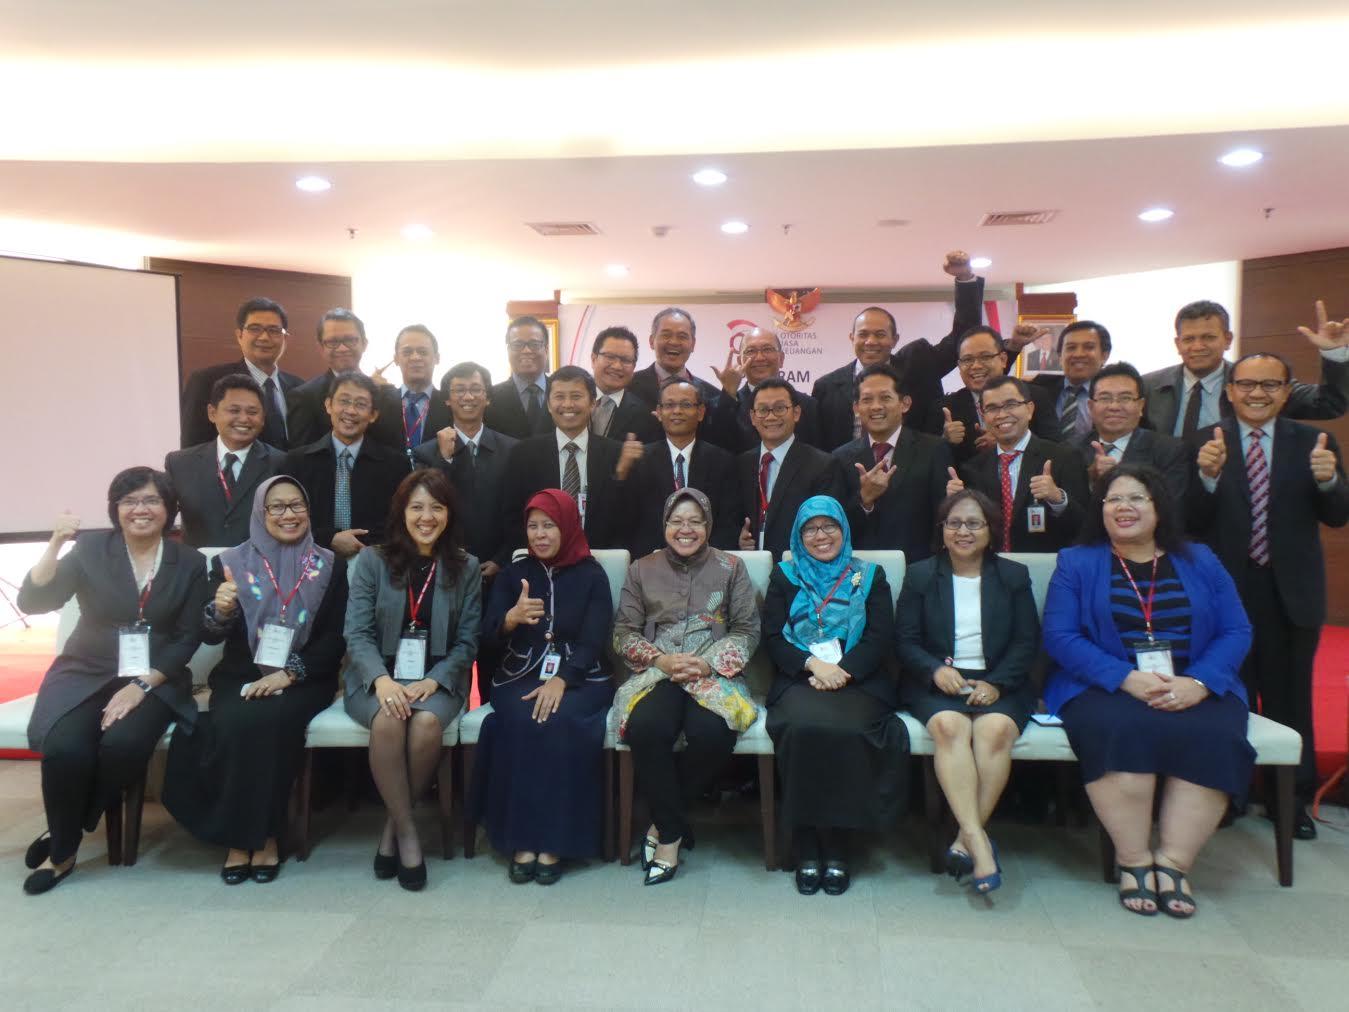 Peserta PPKB OJK dengan Walikota Surabaya Ibu Risma